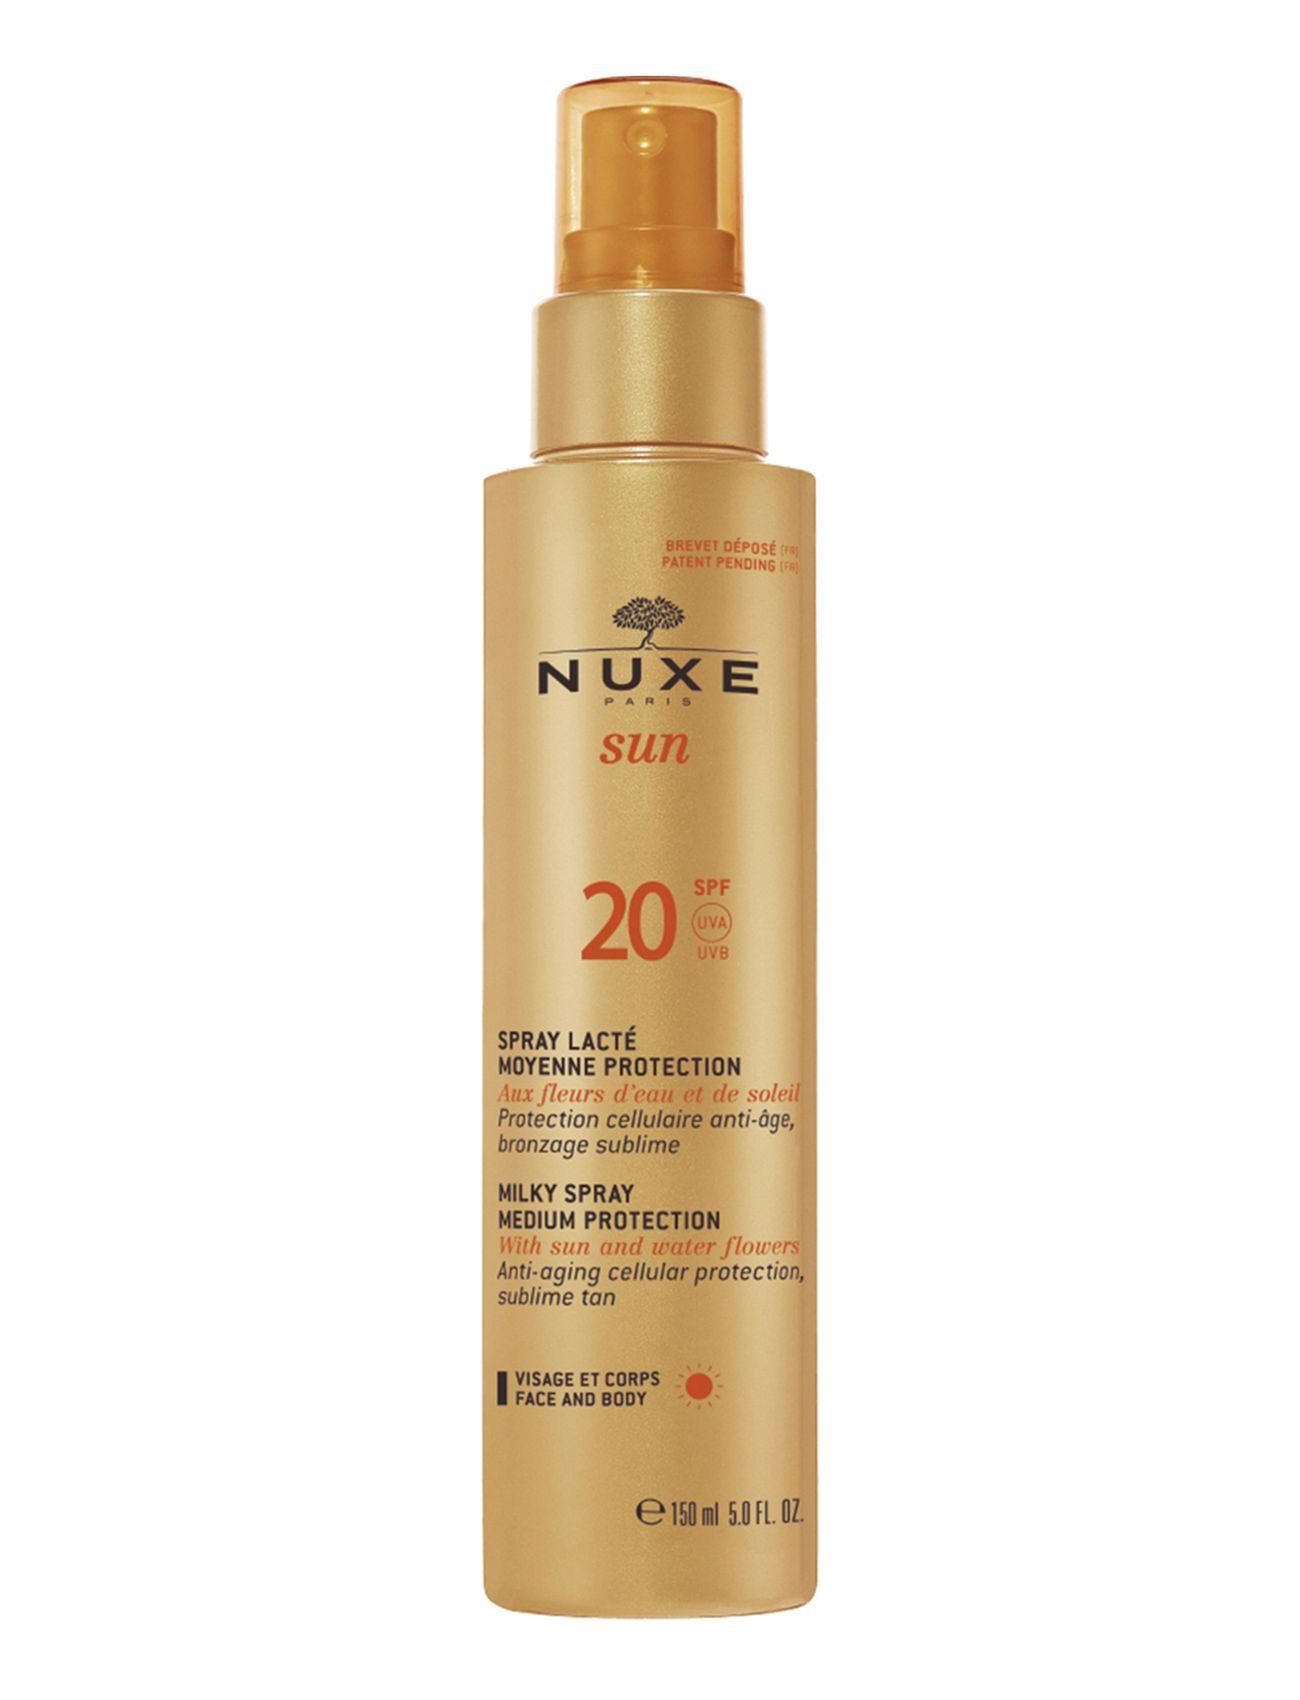 Milky spray face & body spf 20 fra nuxe på boozt.com dk